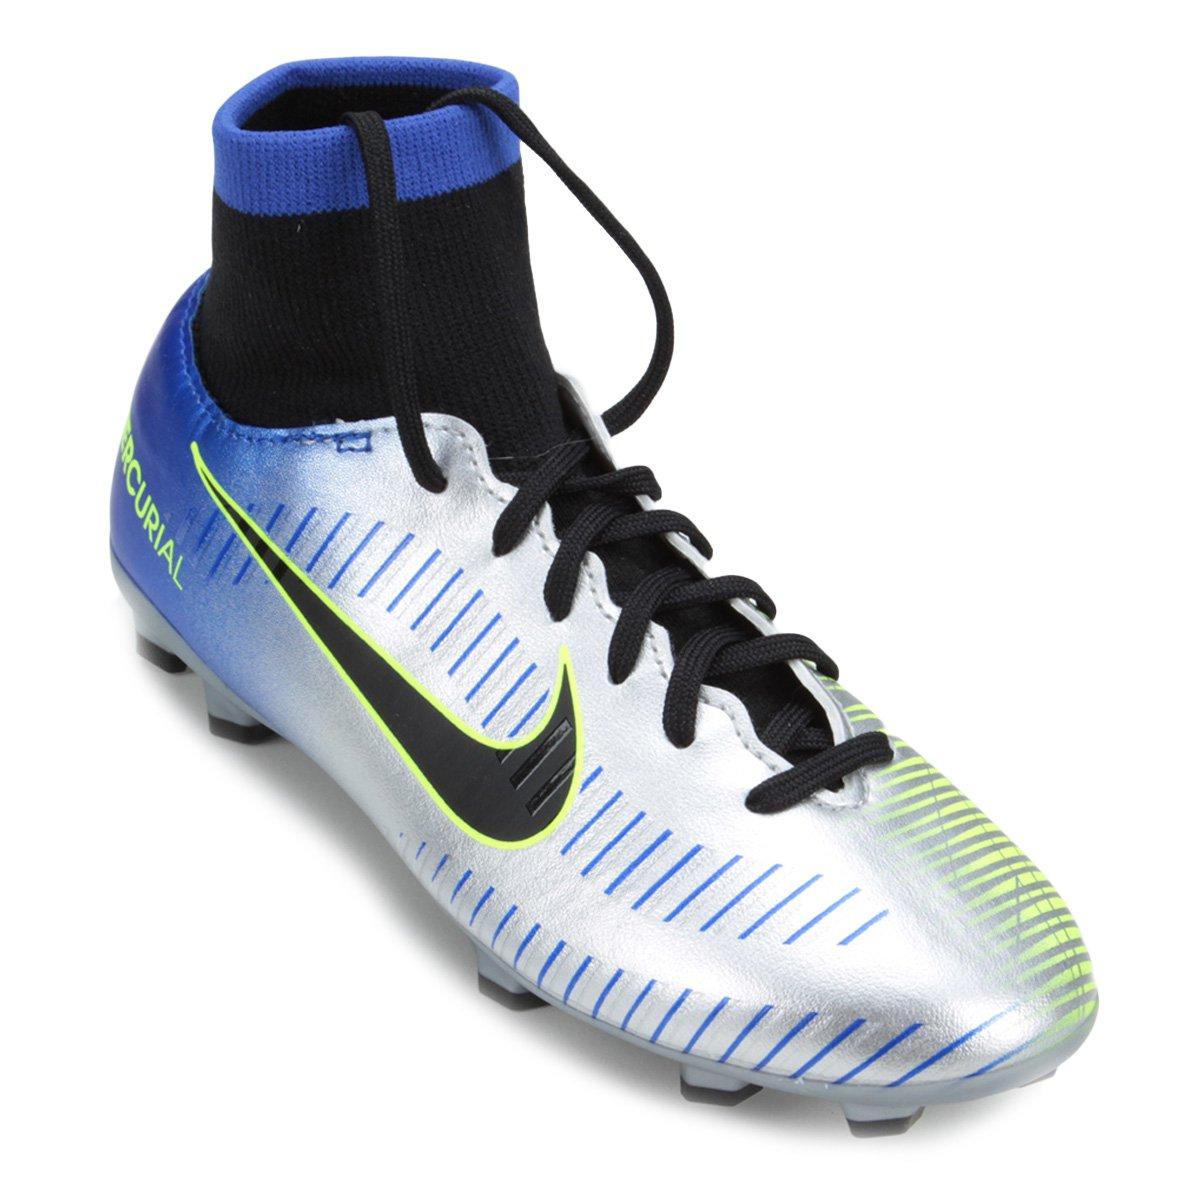 d3d84f1d7e157 Chuteira Campo Infantil Nike Mercurial Victory 6 DF Neymar Jr FG - Compre  Agora